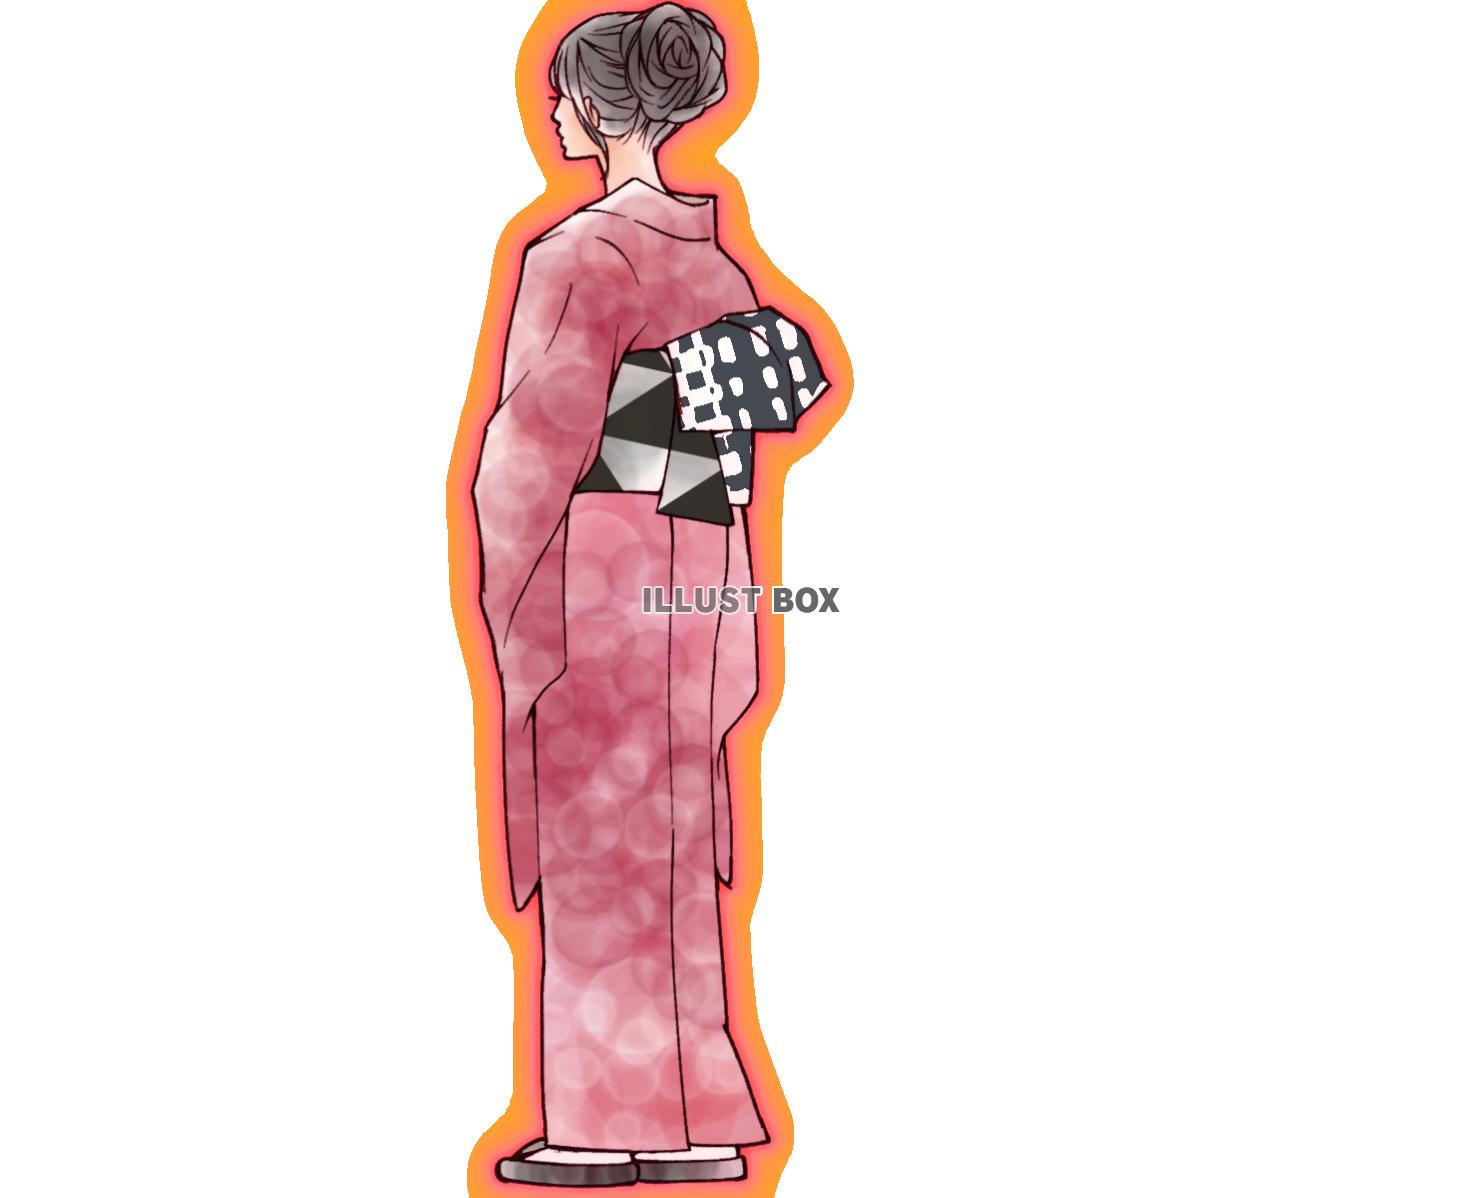 無料イラスト 着物の後ろ姿の女性